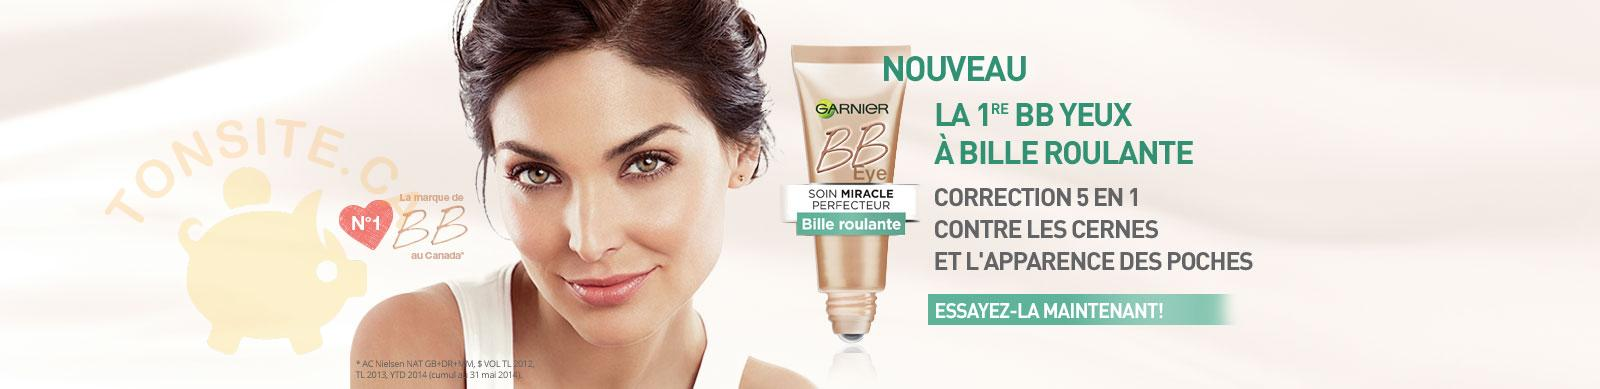 concours bb - Concours Garnier: Gagner une des 500 BB yeux format régulier!